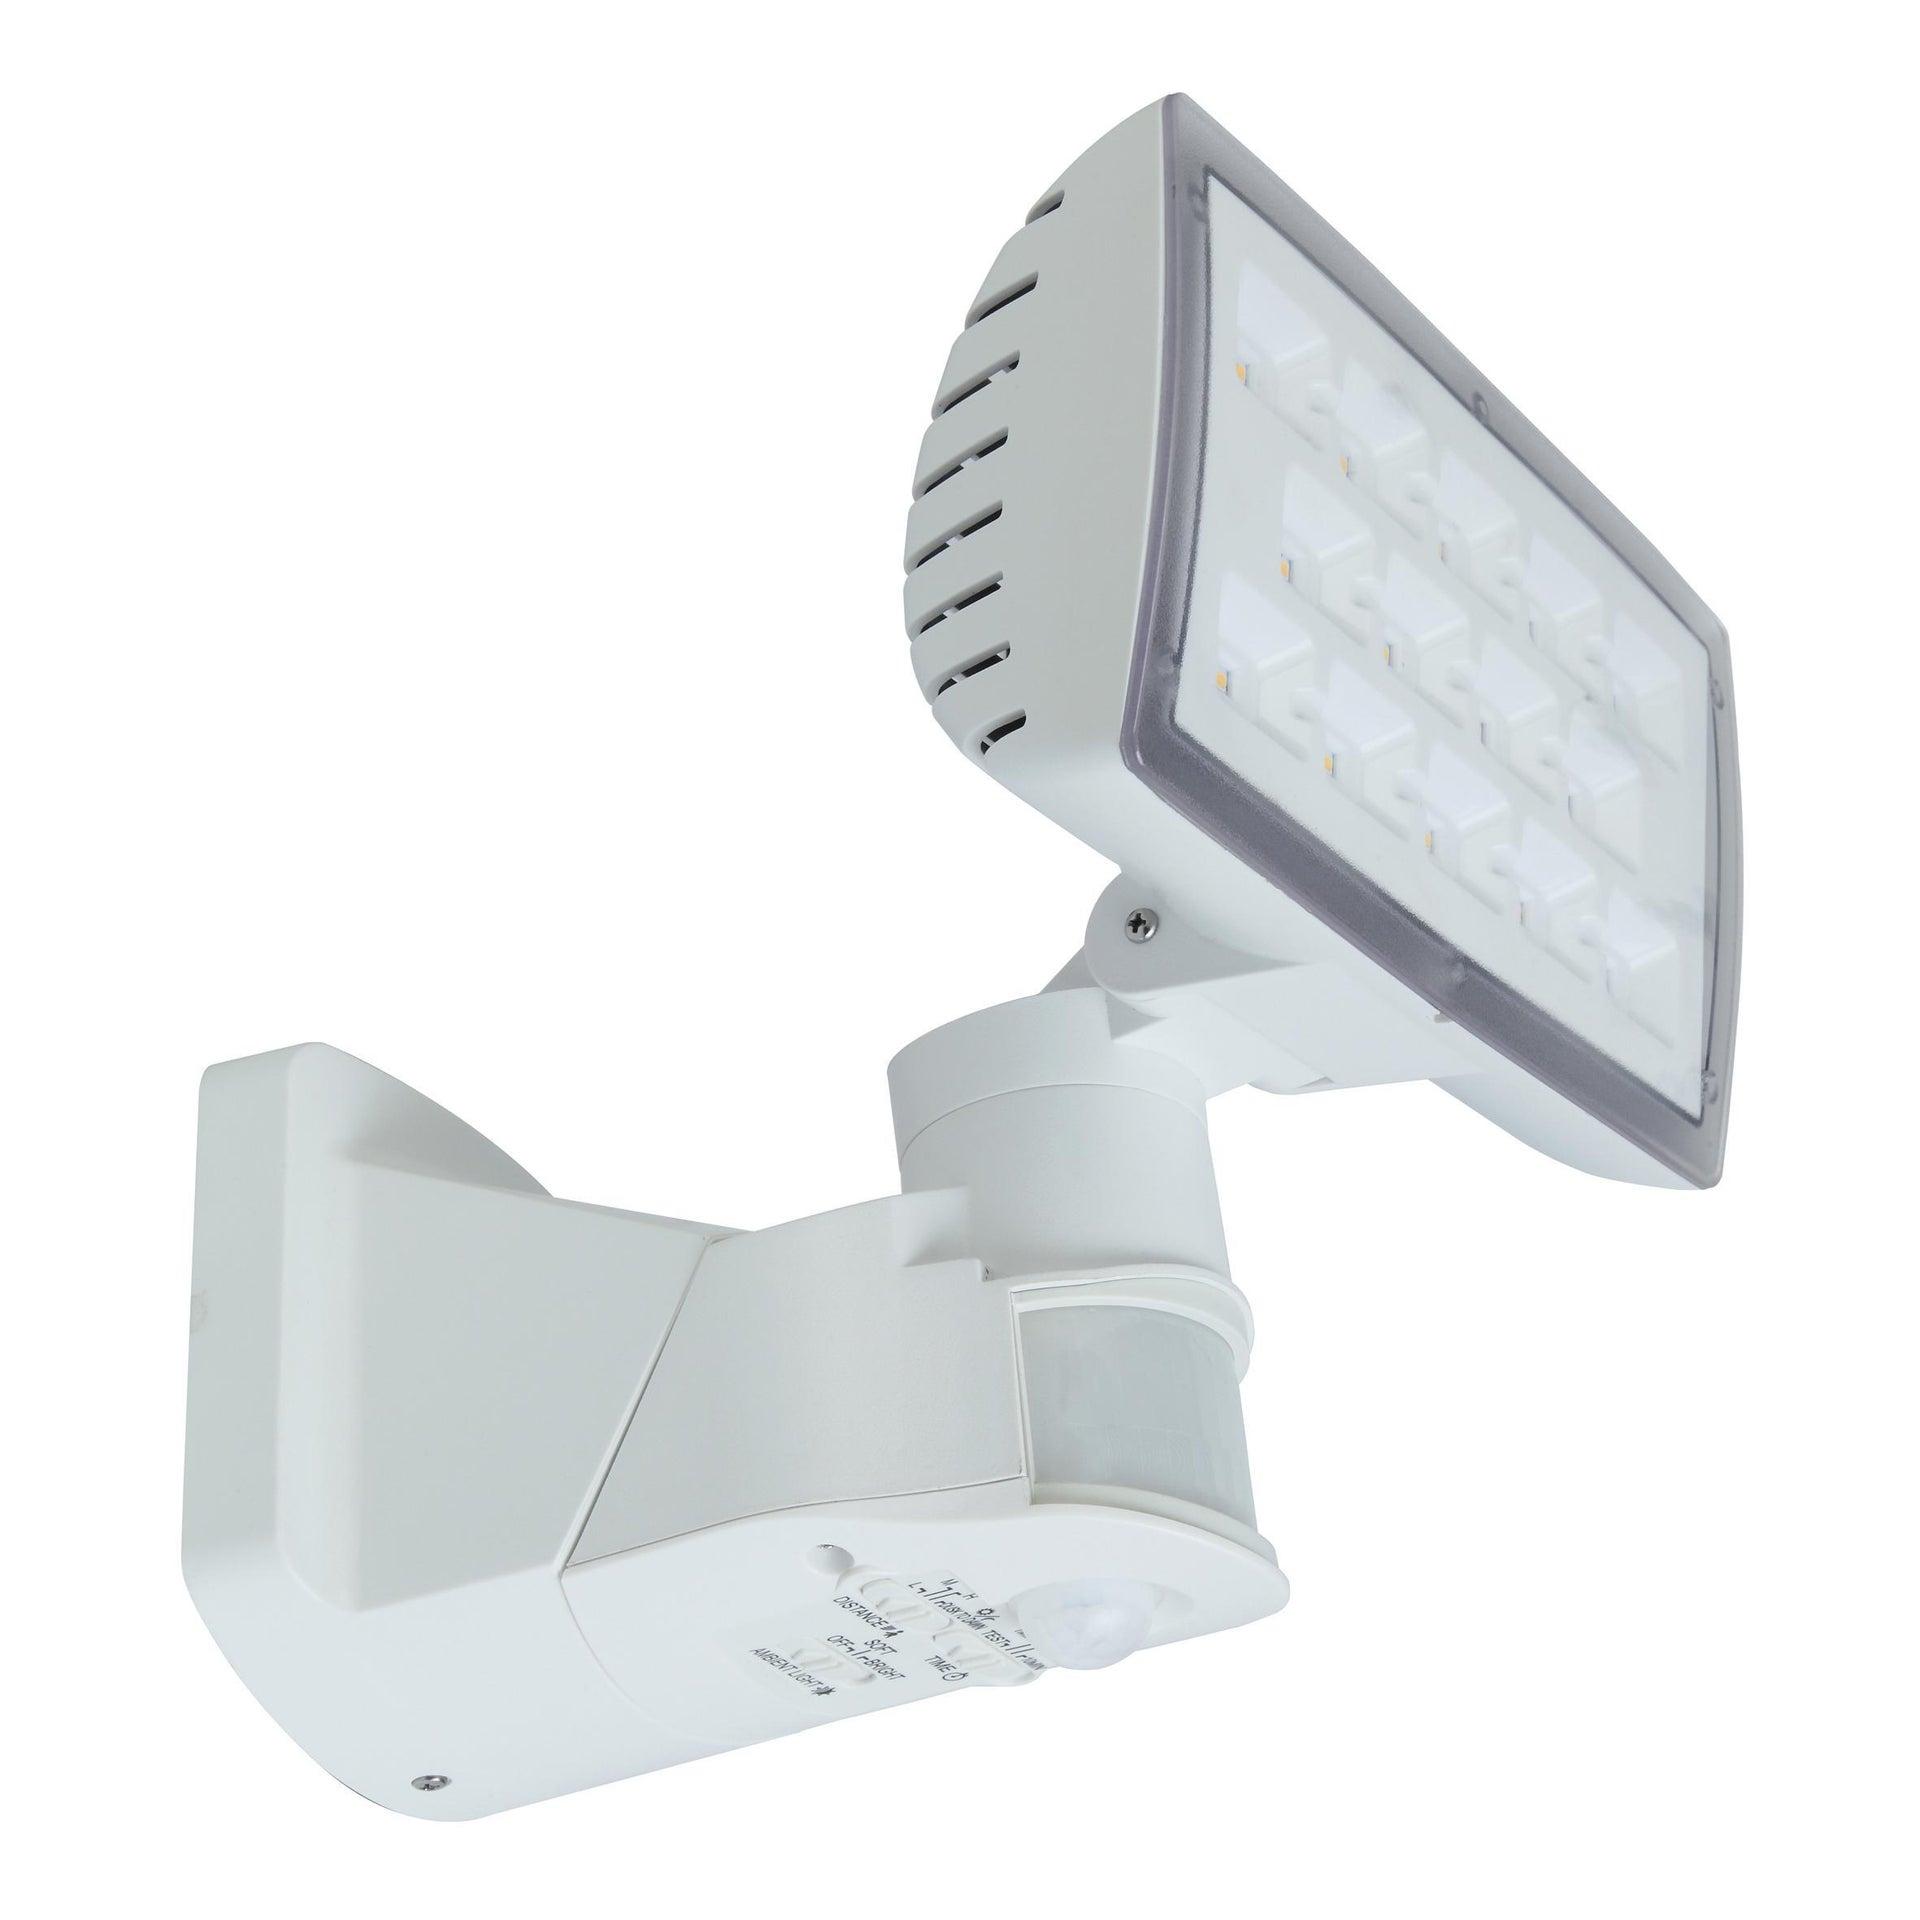 Applique Peri LED integrato con sensore di movimento, in policarbonato, grigio, 20W 1710LM IP54 LUTEC - 3